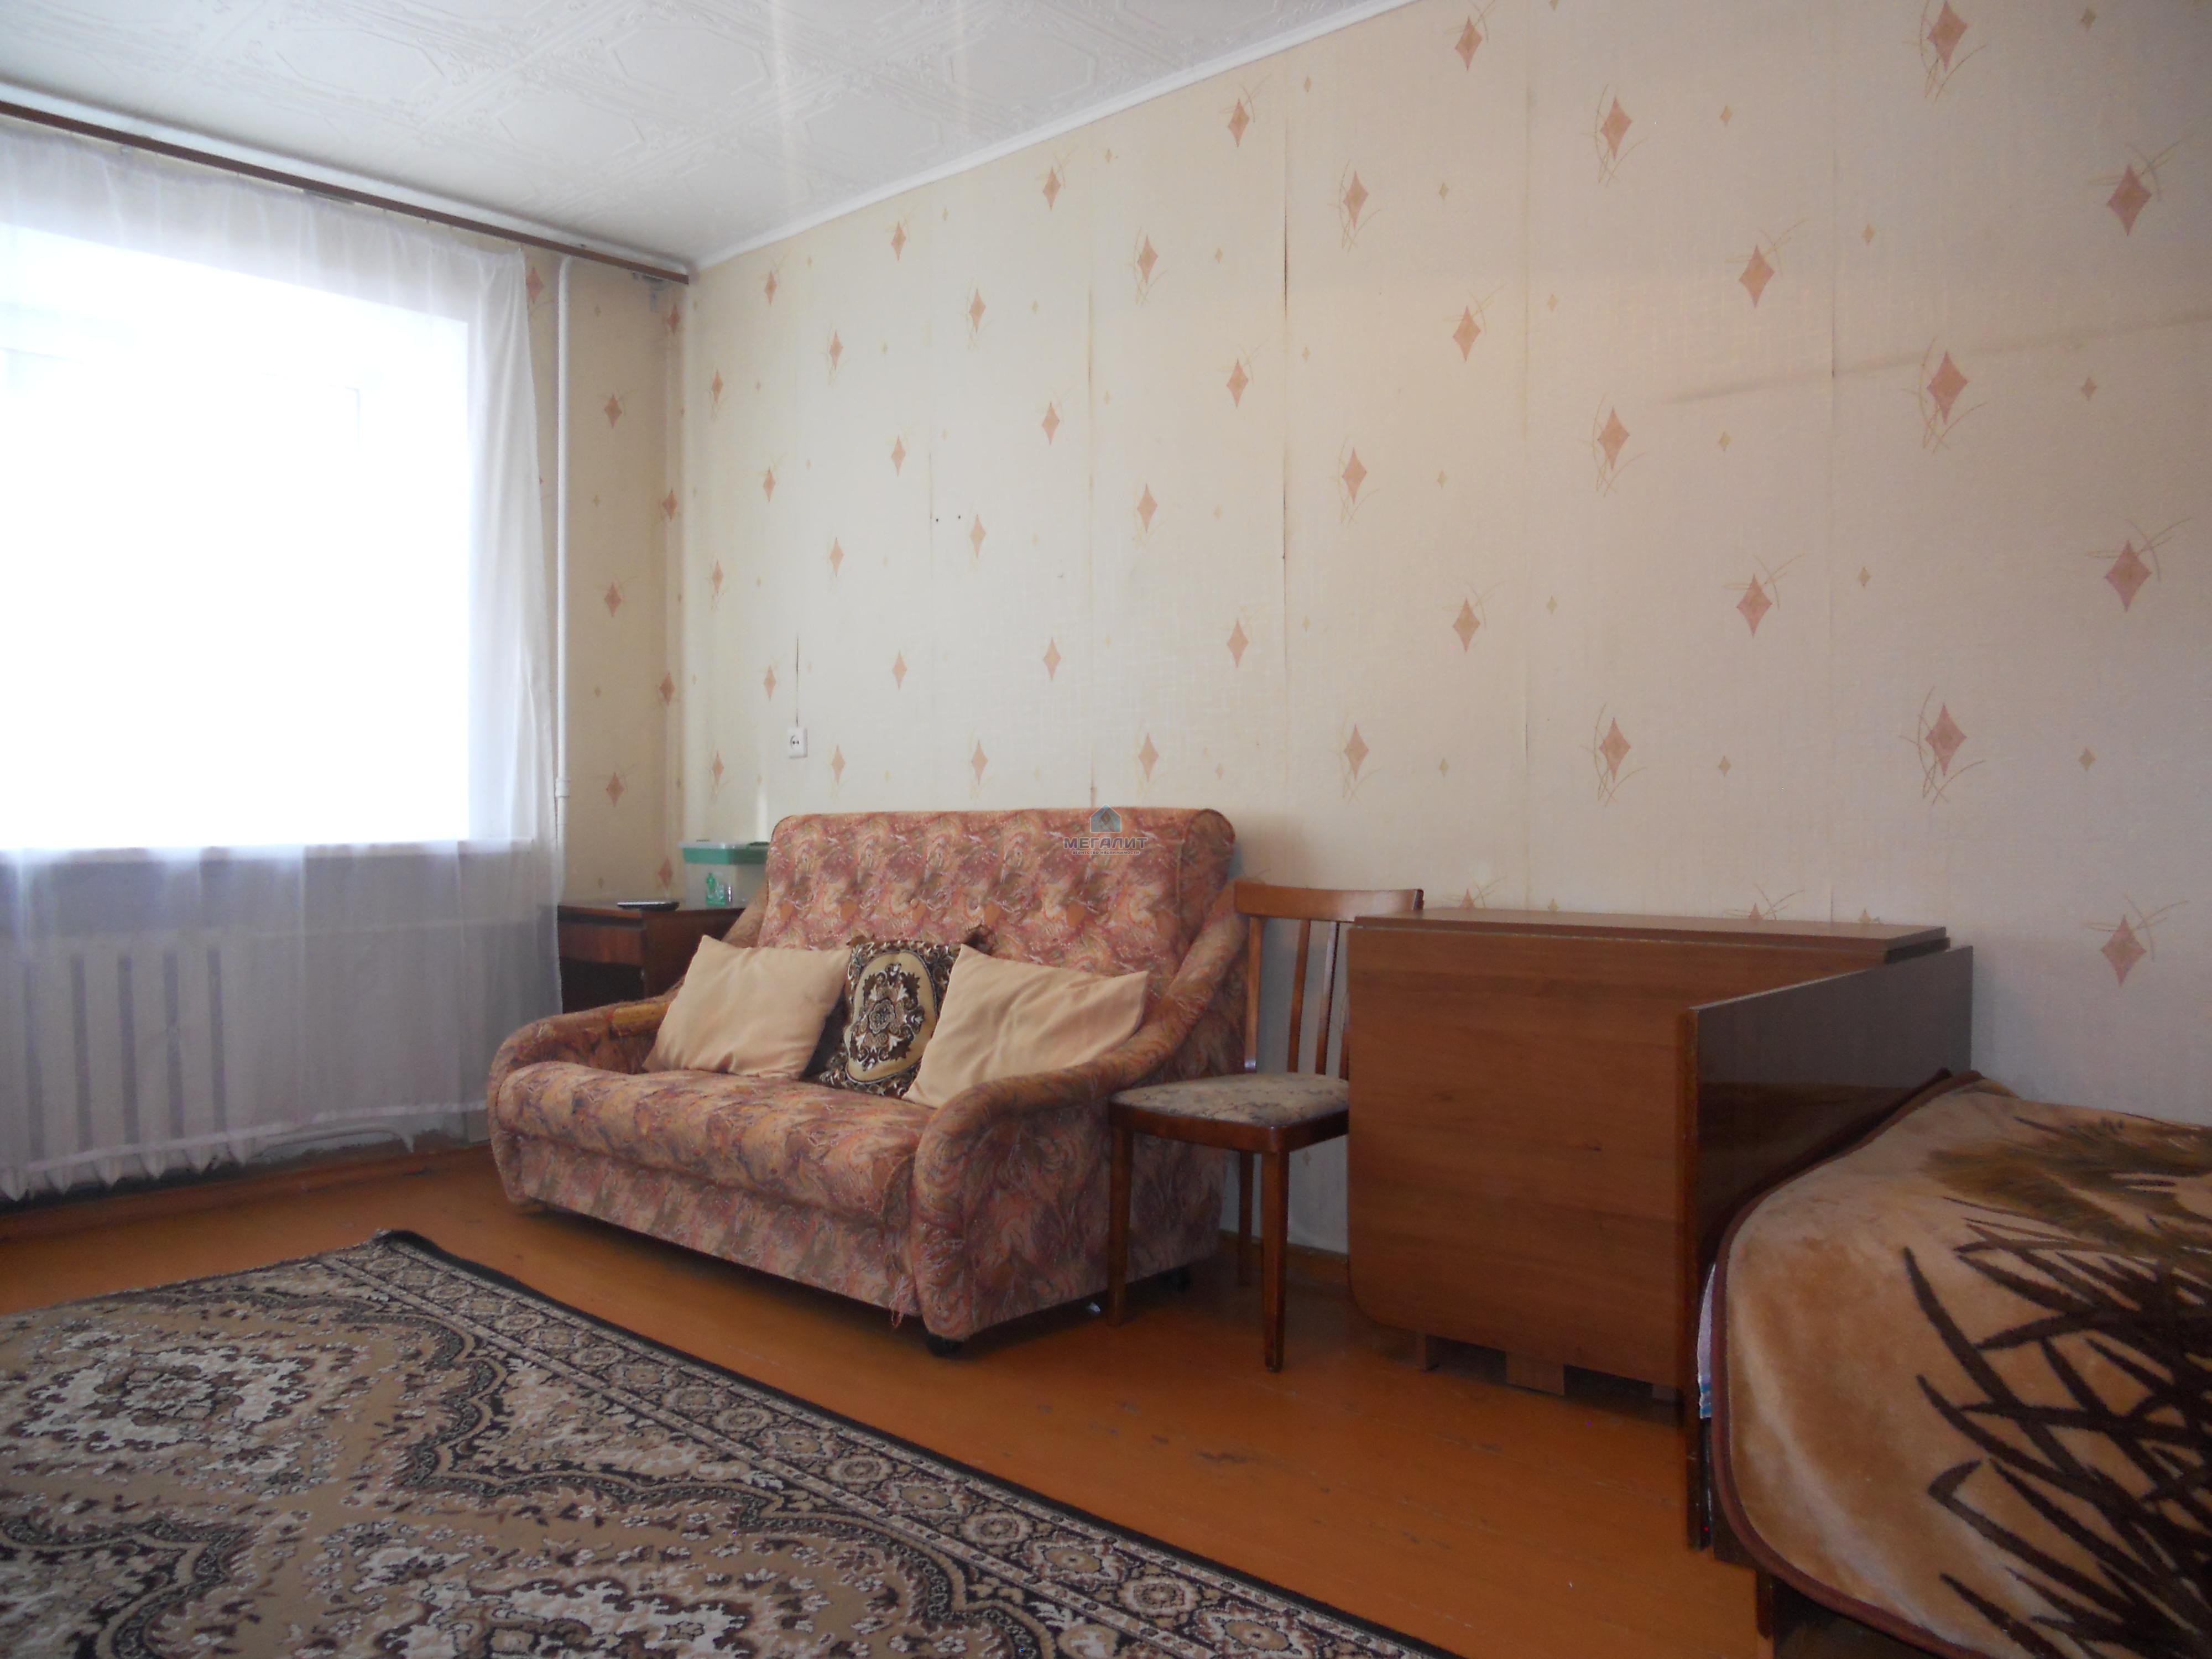 Сдается теплая, уютная квартира в Авиастроительном районе! (миниатюра №3)